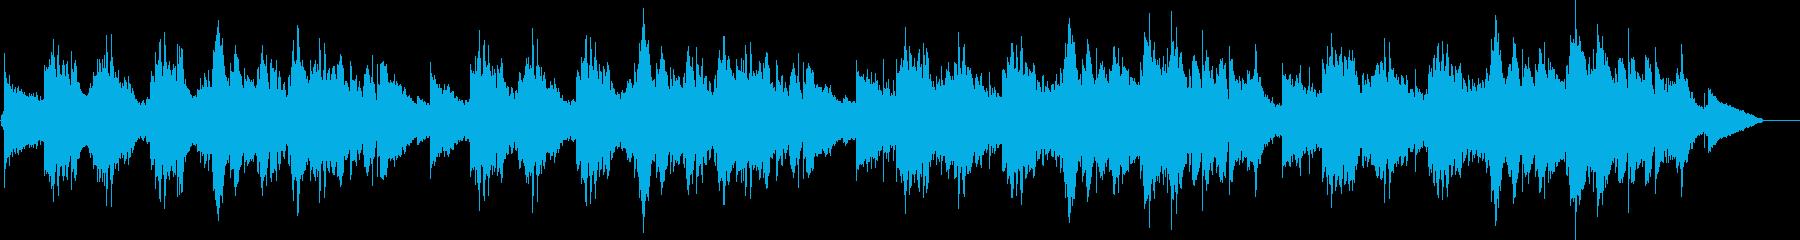 アダルトでけだるいムード音楽の再生済みの波形